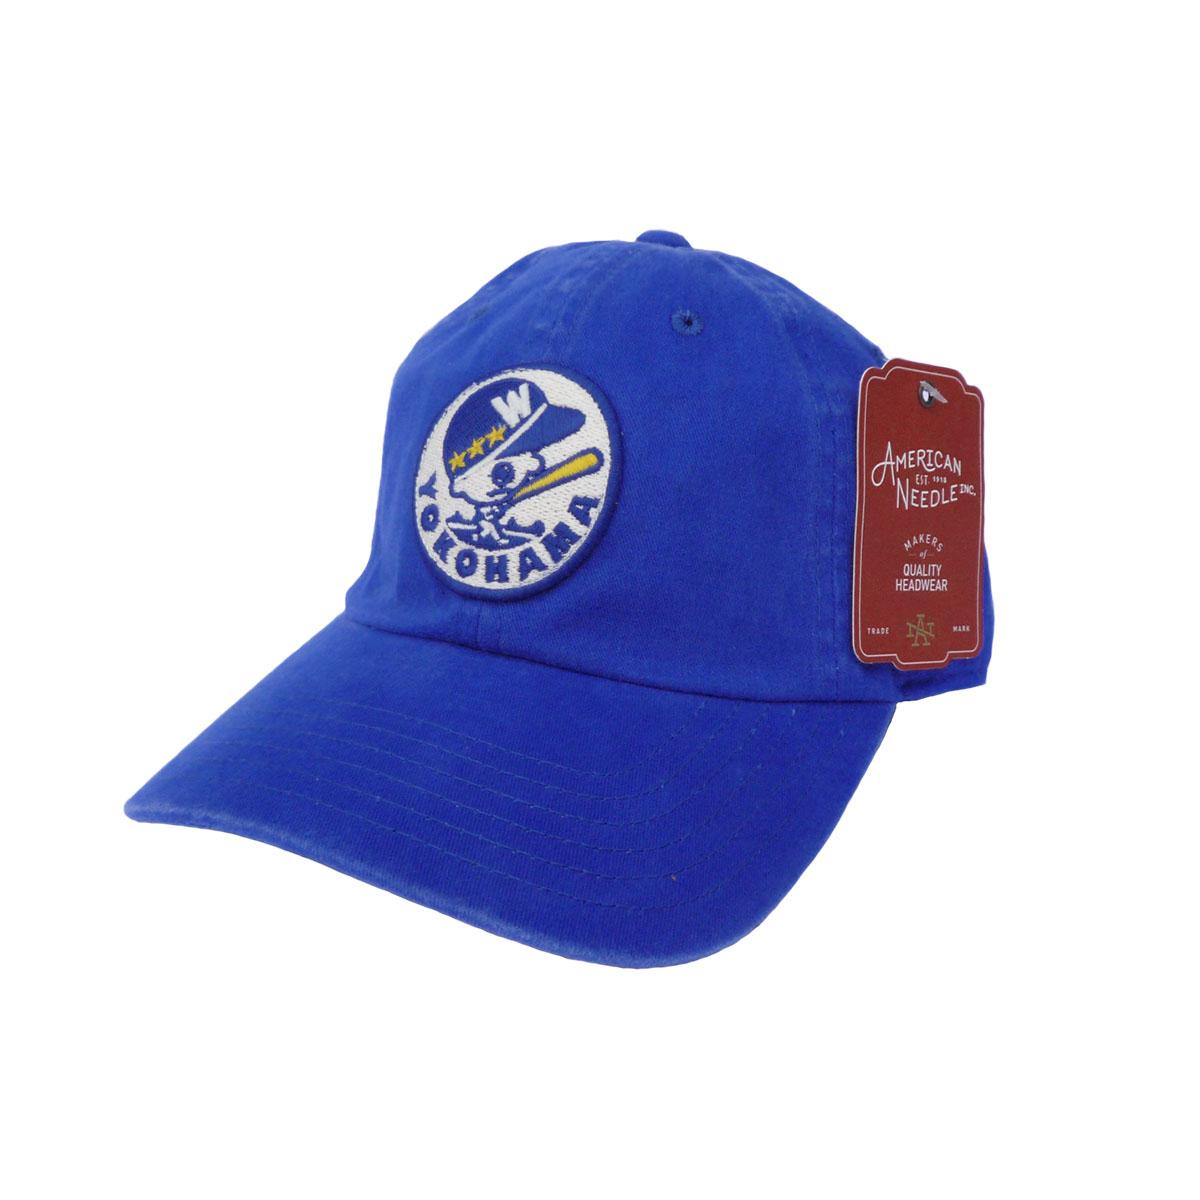 画像1: AMERICAN NEEDLE アメリカンニードル NIPPON LEAGUE BASEBALL ARCHIVE CAP 横浜大洋ホエールズ BLUE メンズ/レディース (1)